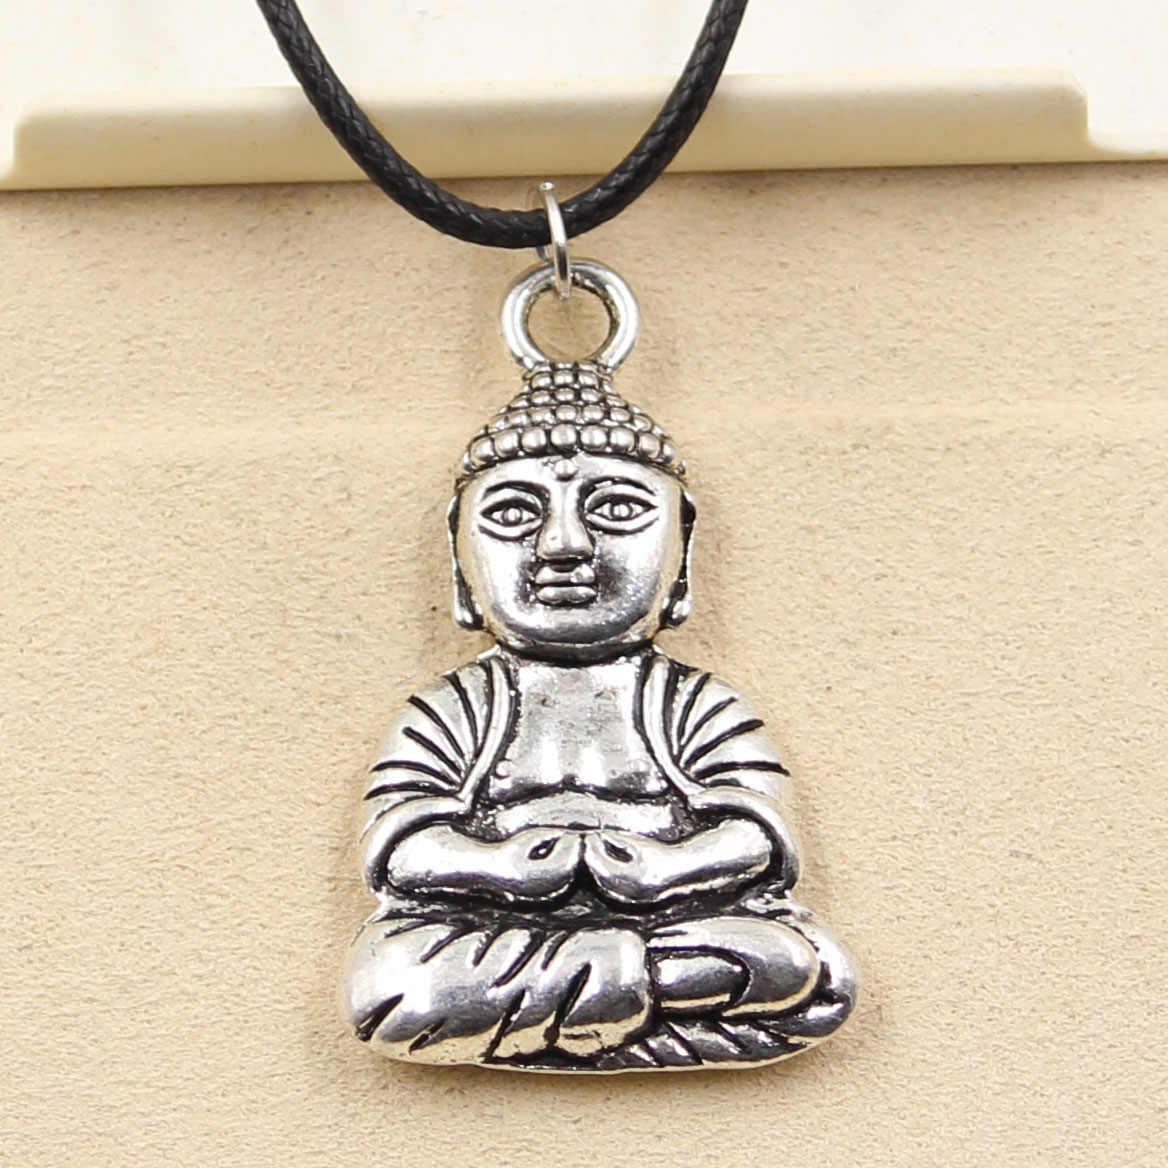 Nowe mody tybetański srebrny kolorowy wisiorek naszyjnik buddy Choker urok czarny skórzany sznur cena fabryczna ręcznie robiona biżuteria